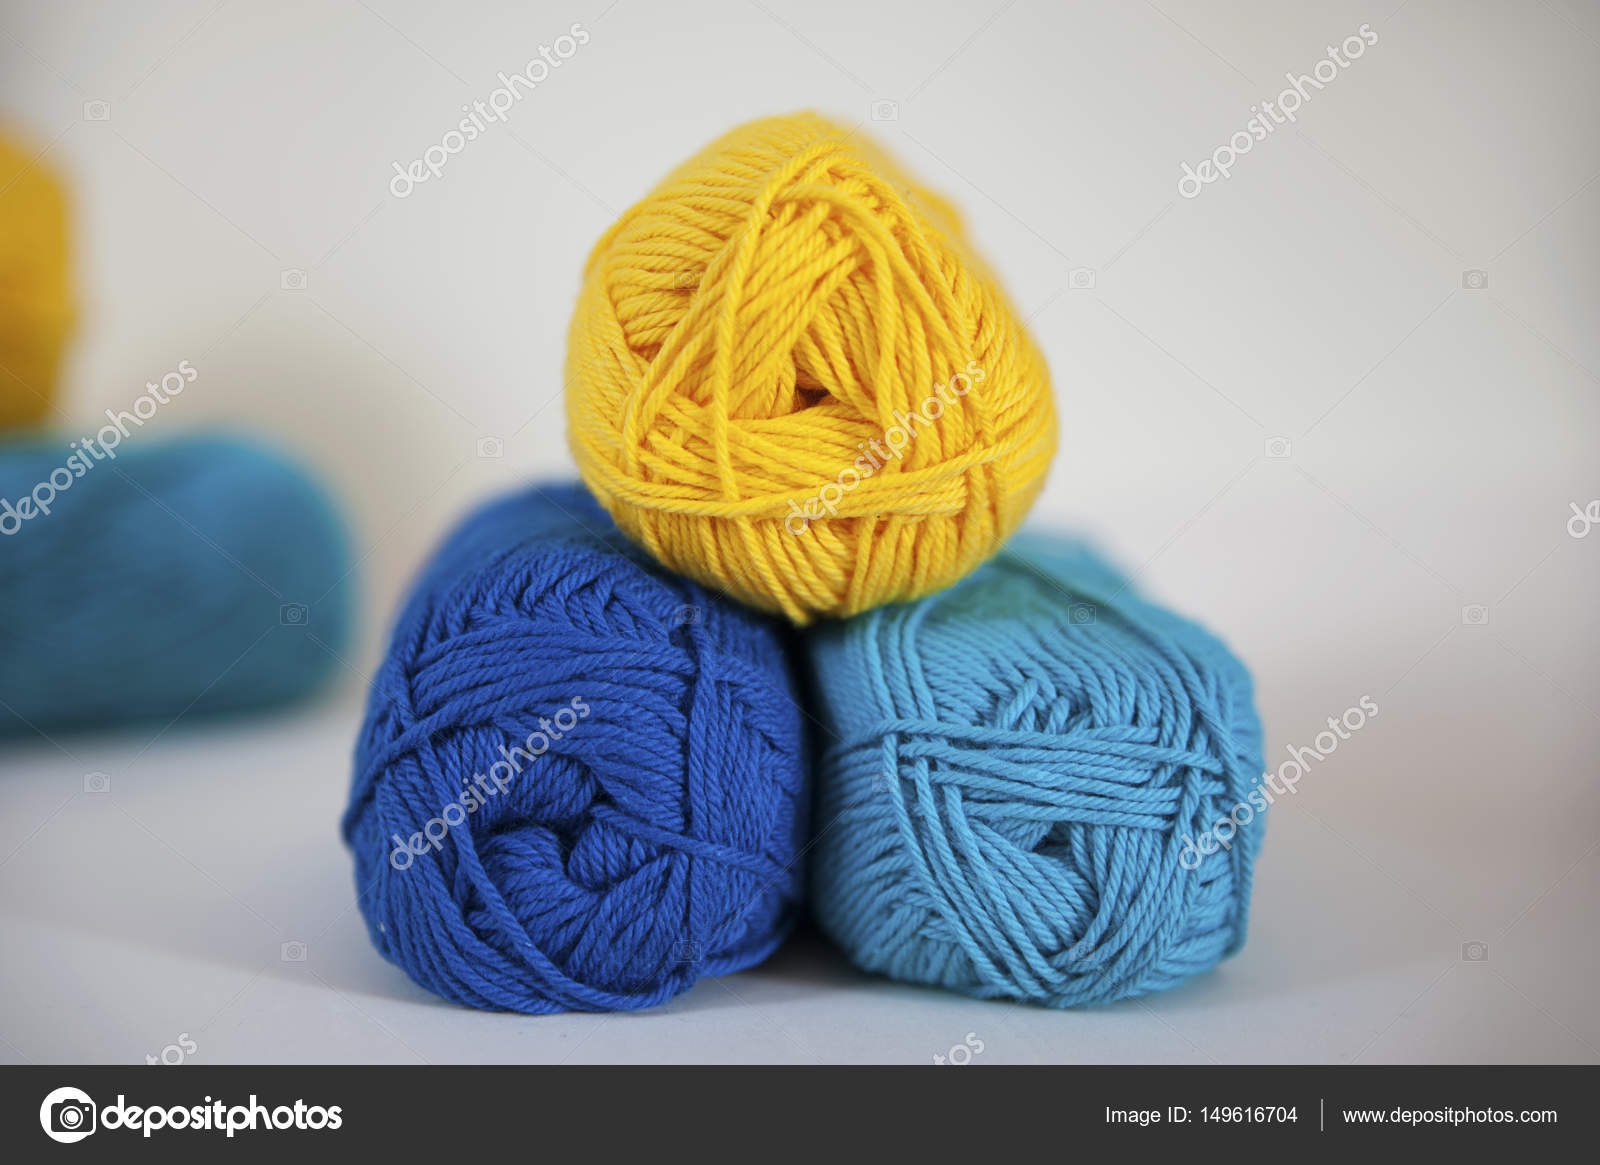 Zitrone, Türkis und blau Baumwoll-Garn zum Stricken, Handarbeiten ...